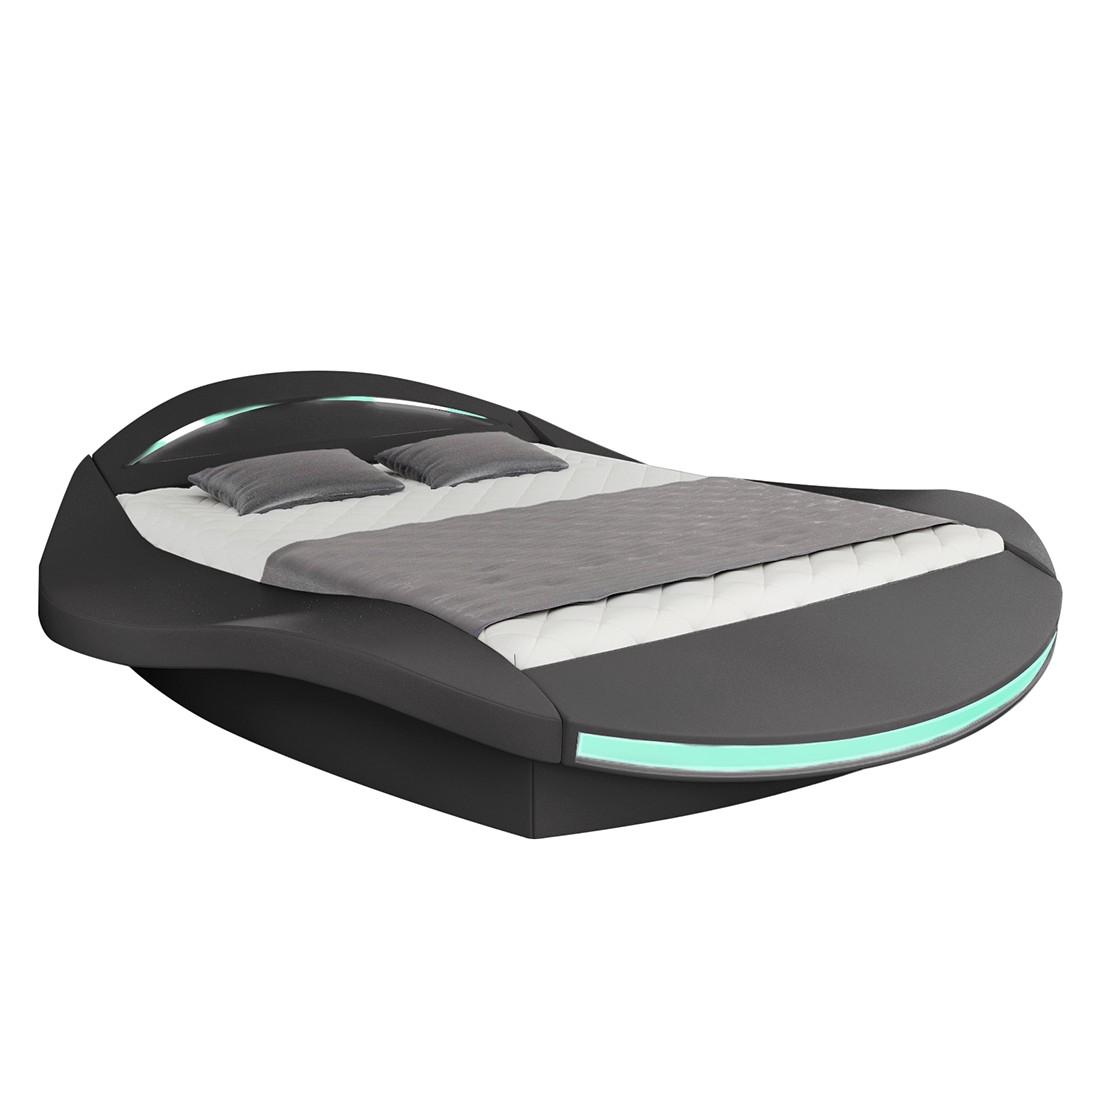 goedkoop energie A+ Gestoffeerd bed Butterfly kunstleer 160 x 200cm Bedframe zonder matras & lattenbodem Zwart roomscape